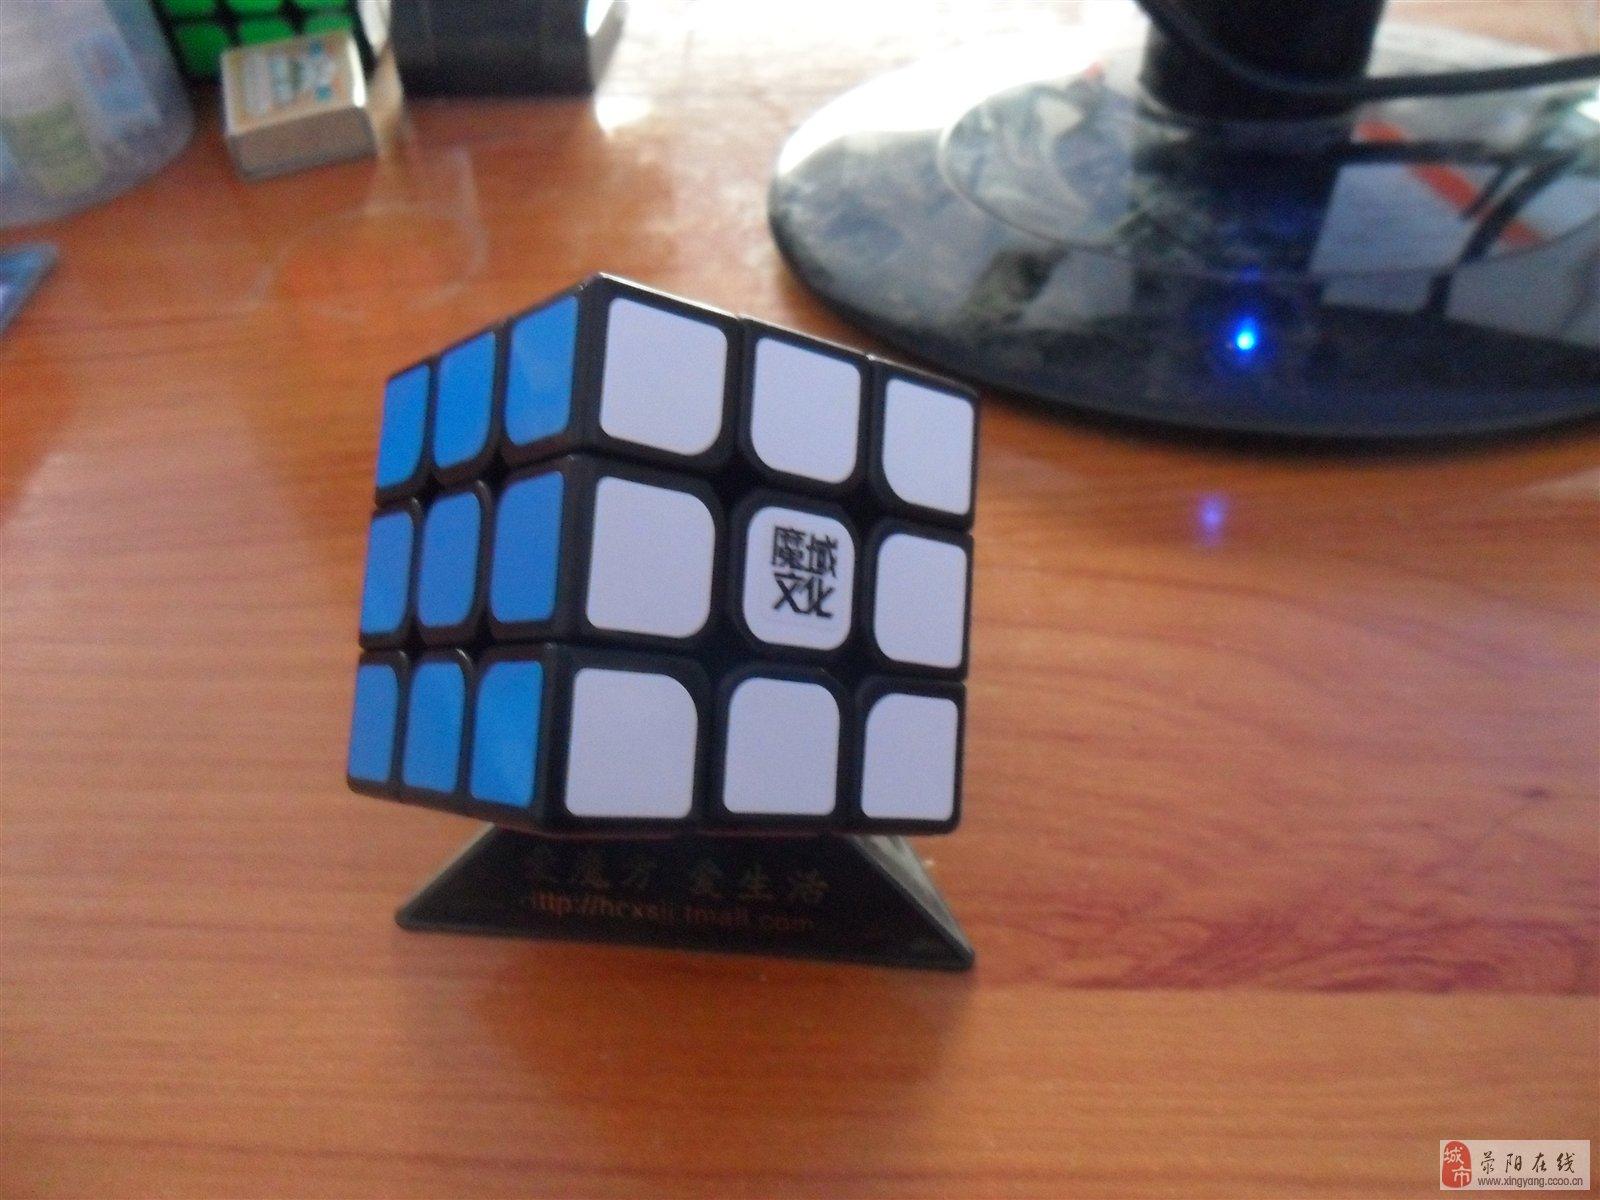 培训类型:三阶魔方 二阶魔方 四阶魔方 五阶魔方 金字塔魔方 镜面魔方 斜转魔方 魔尺 竞技速叠杯 孔明锁 九连环(可选学任意一种或多种) 培训费用1.普通三阶魔方150元/人,提供超顺滑魔方一个,并附赠三阶魔方CFOP教程一份。 2.二阶 四阶 五阶 镜面金字塔 斜转魔方每种培训费为50元/人.